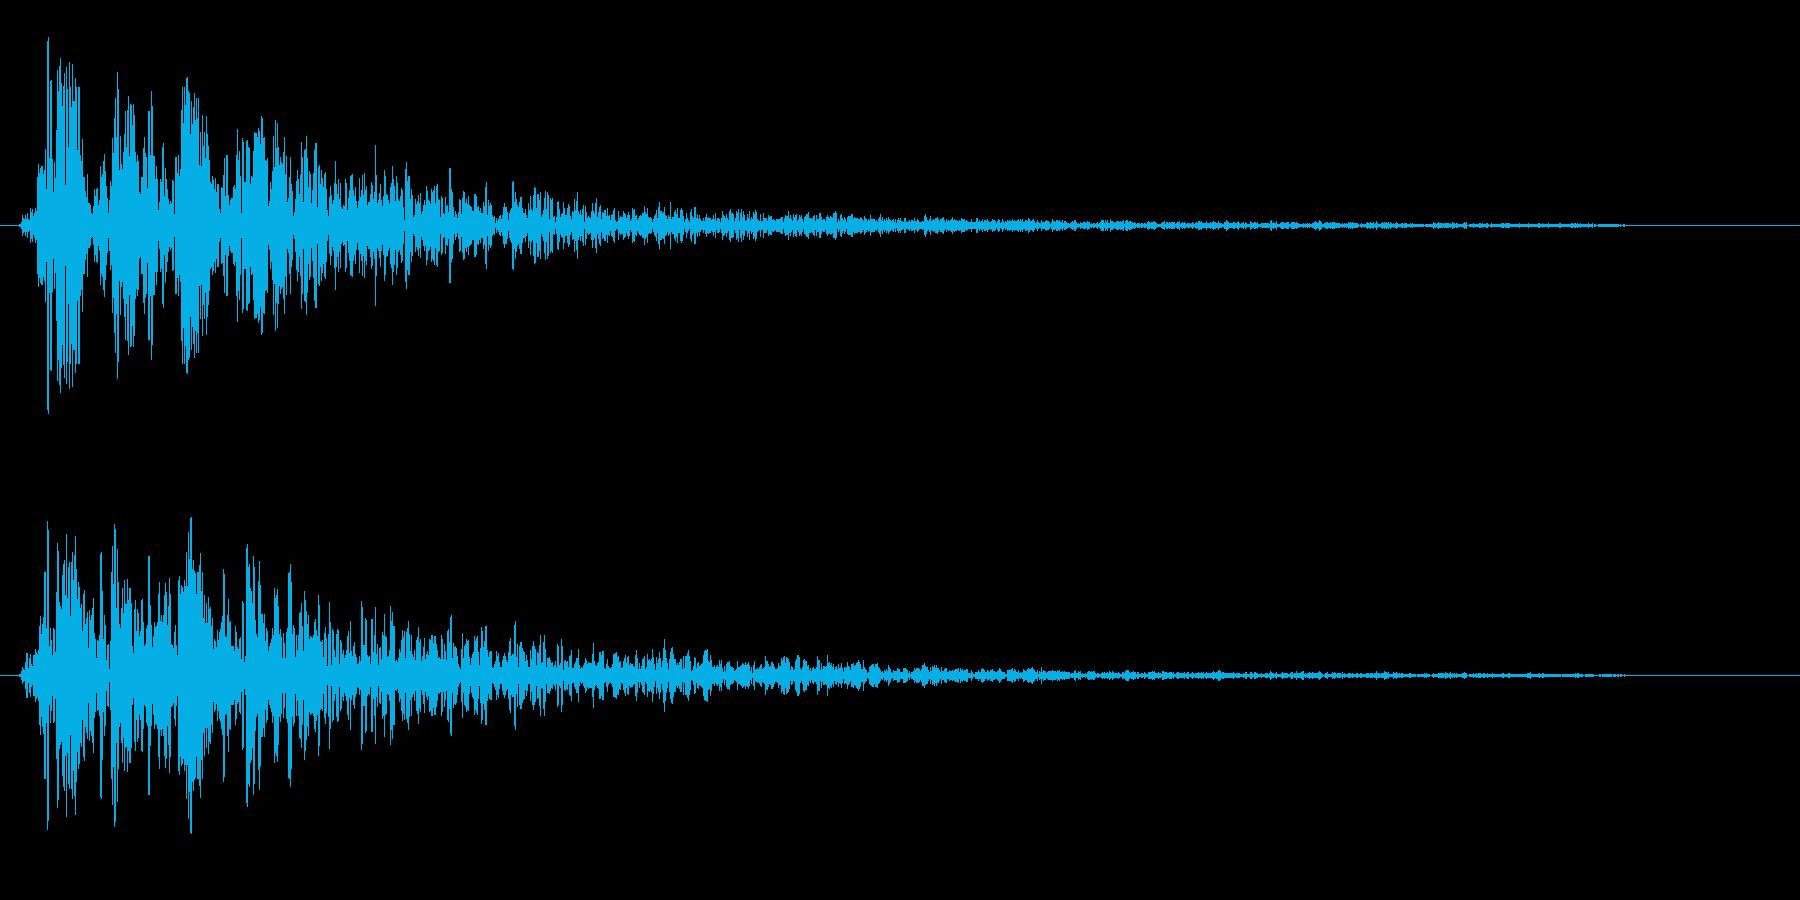 ブワオーン(変化を感じる効果音)の再生済みの波形